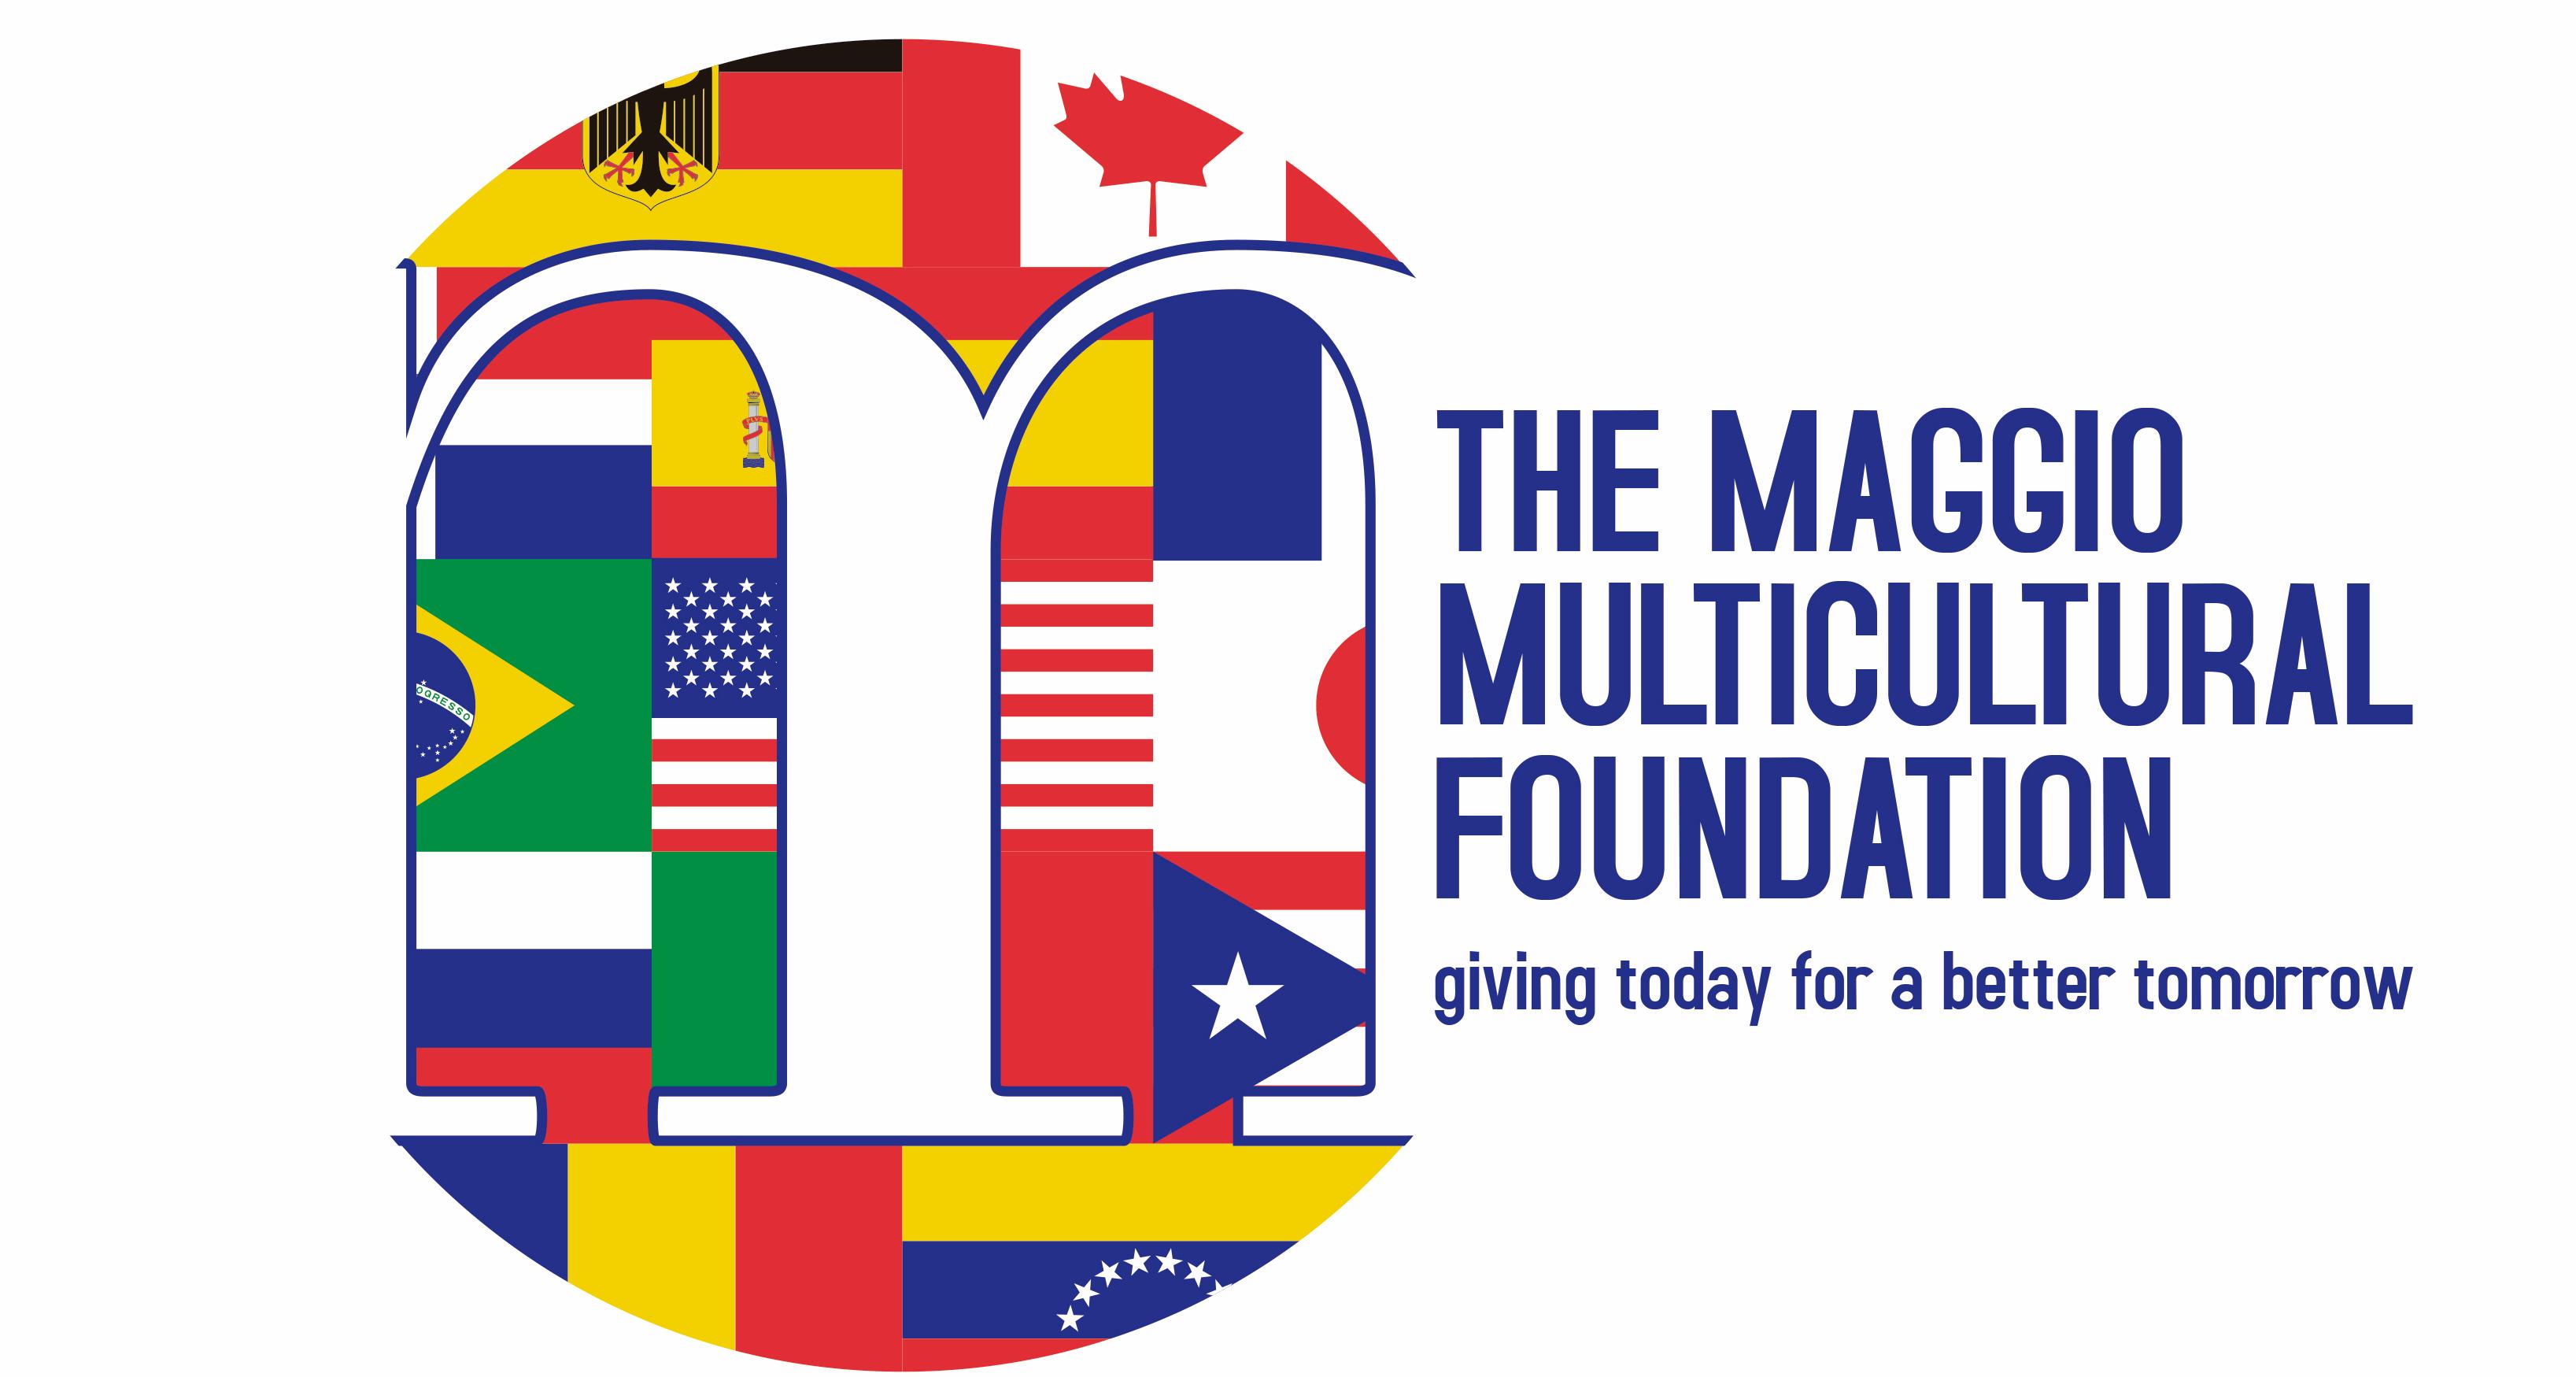 MAGGIO FOUNDATION